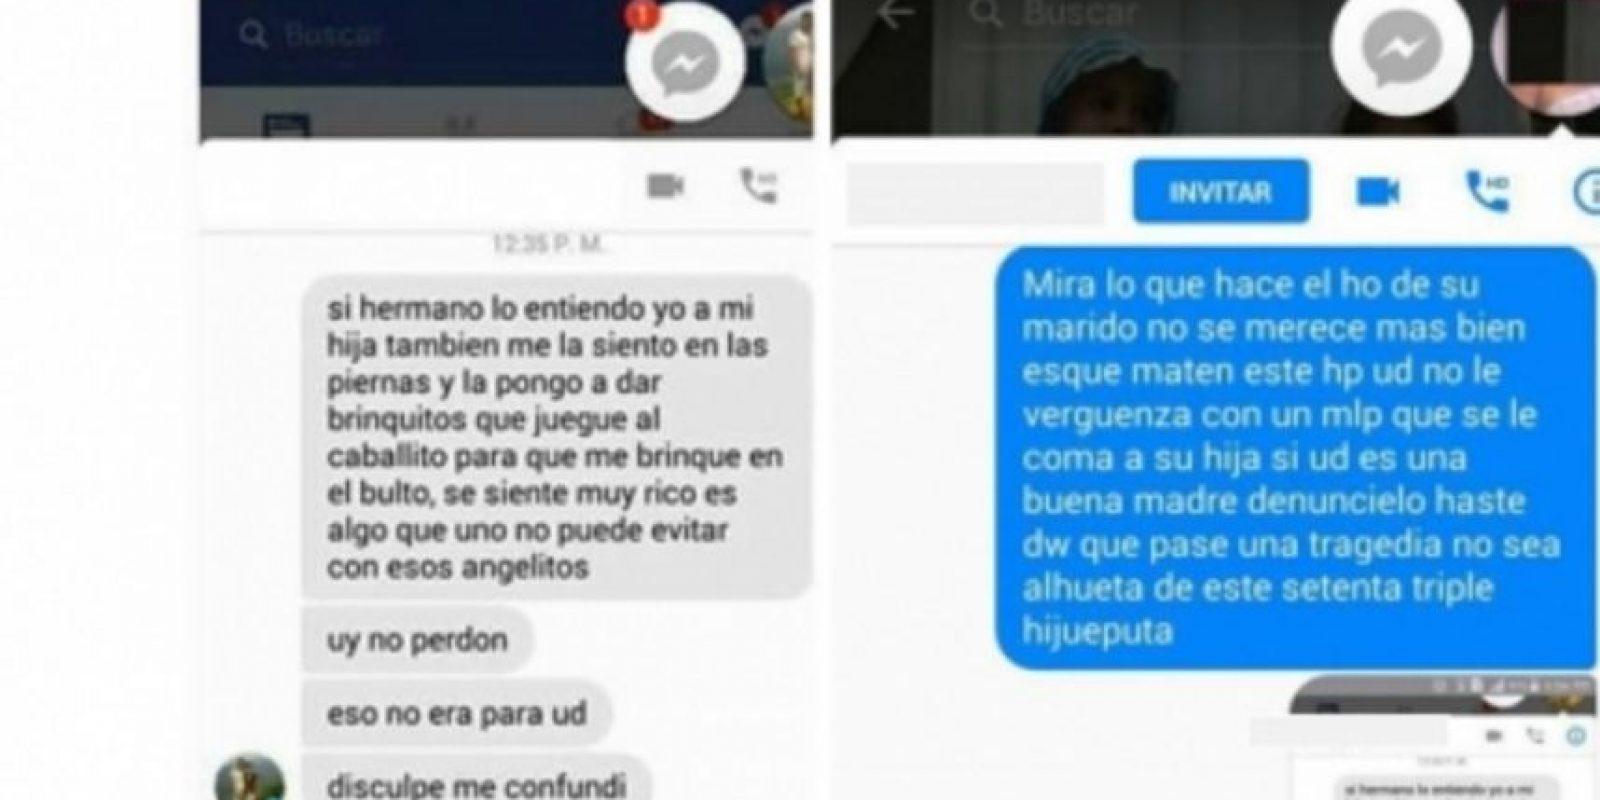 Estos son los pantallazos de los mensajes que circulan en redes sociales. Foto:Tomada de Facebook